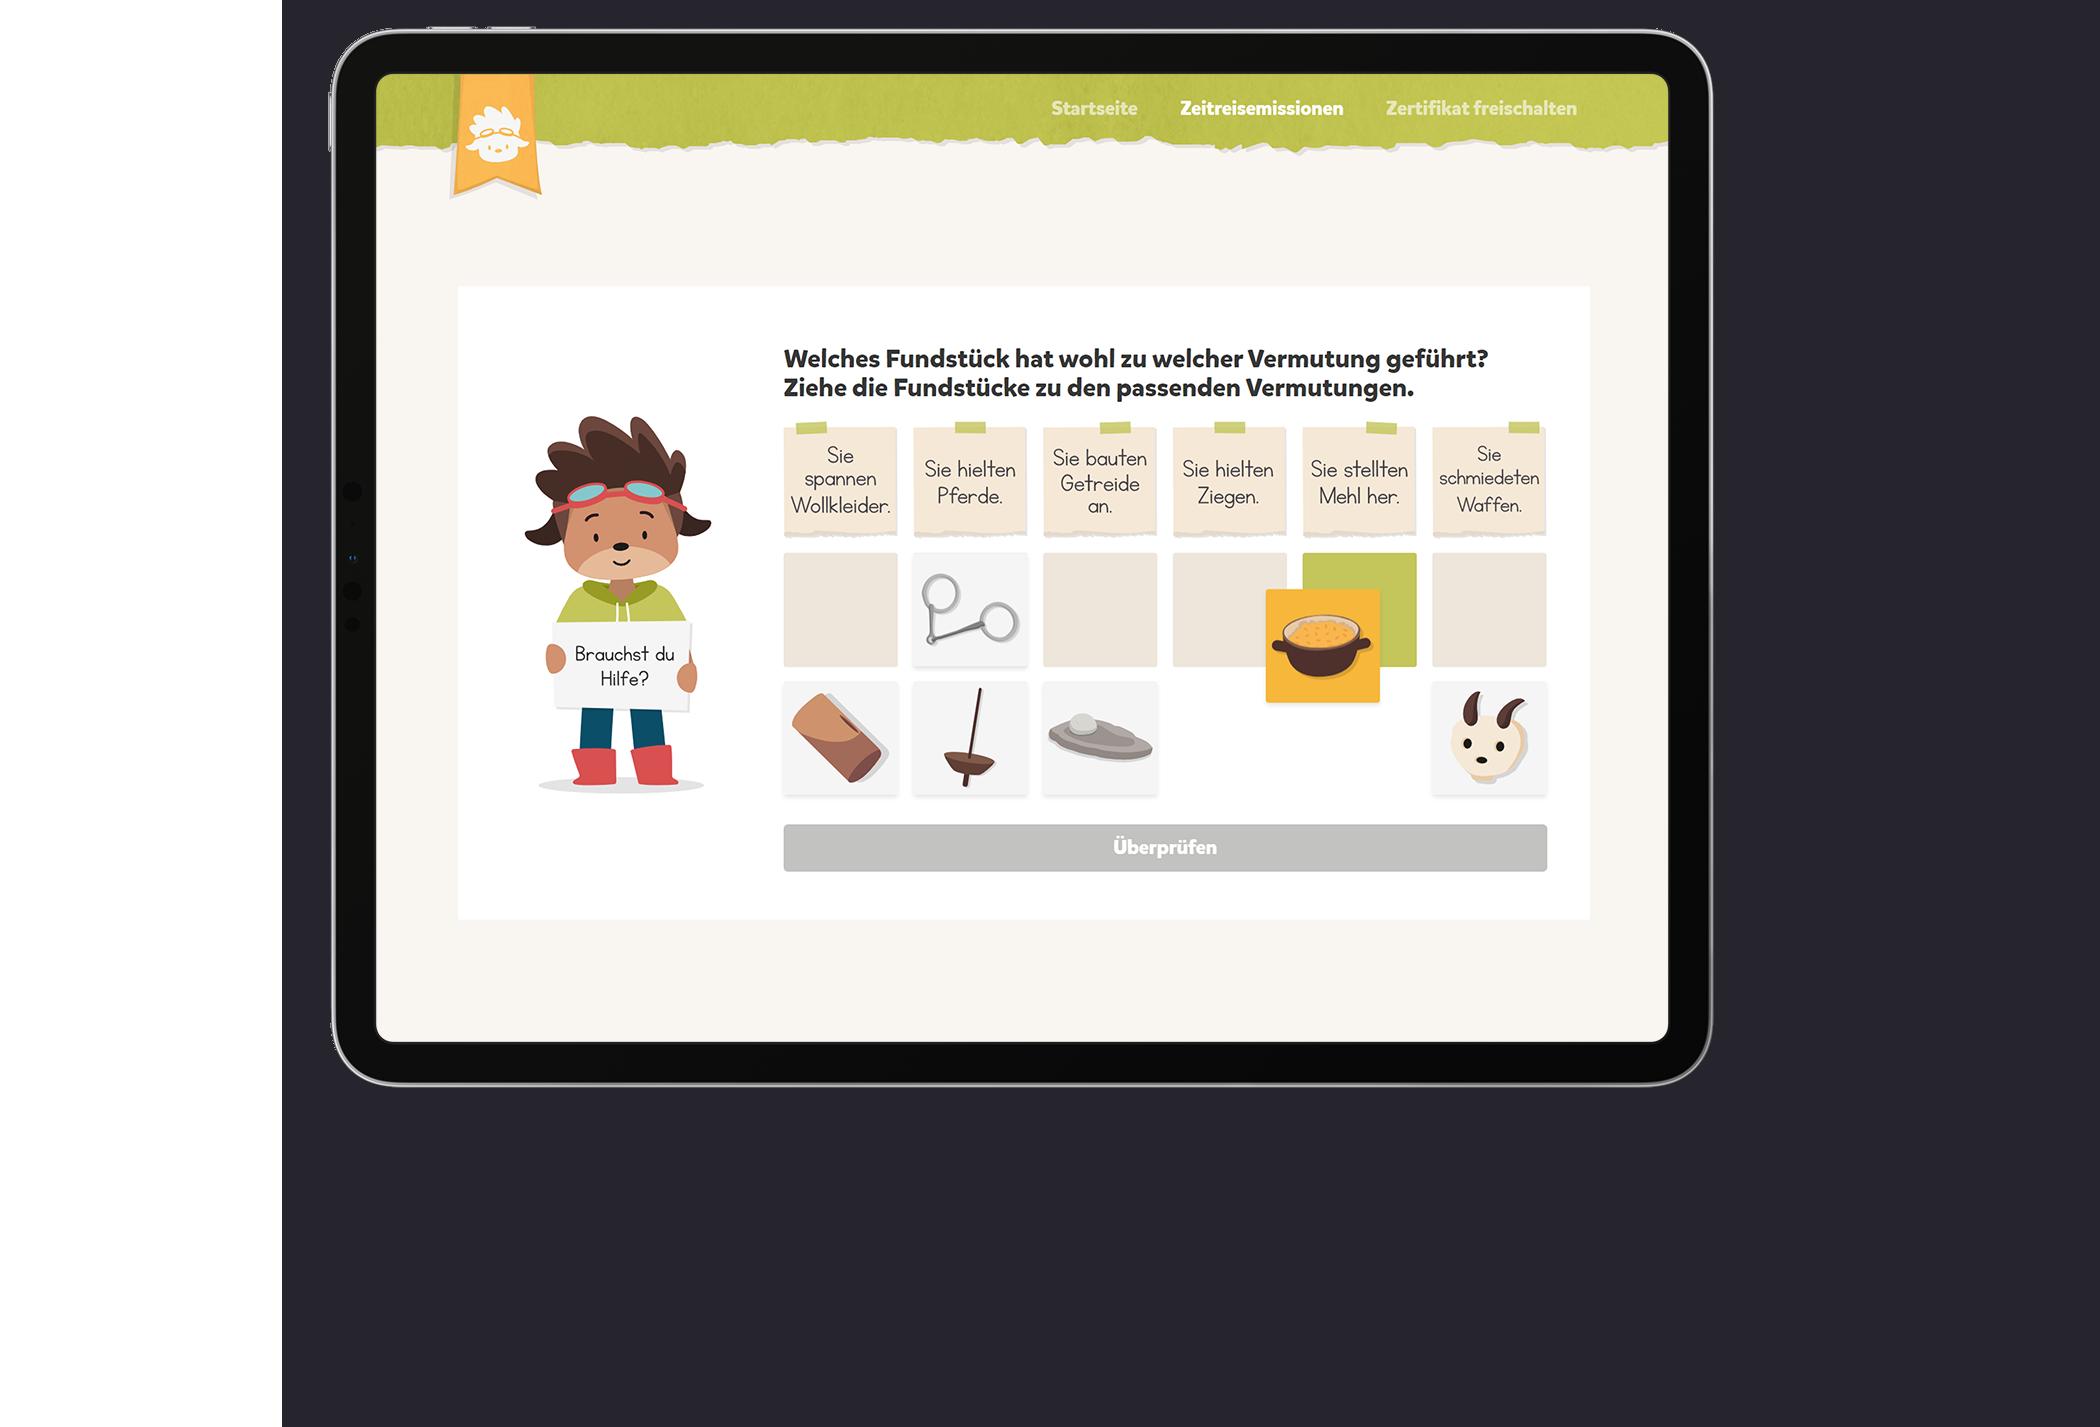 Titelbild: Ein iPad zeigt eine interaktive Aufgabe des Erklärvideos zur Höhensiedlung